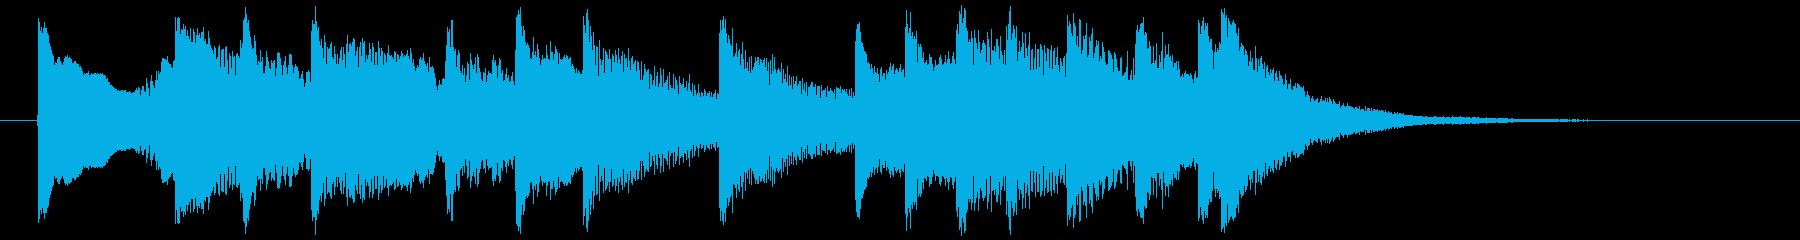 琴・尺八の純和風サウンドジングルの再生済みの波形